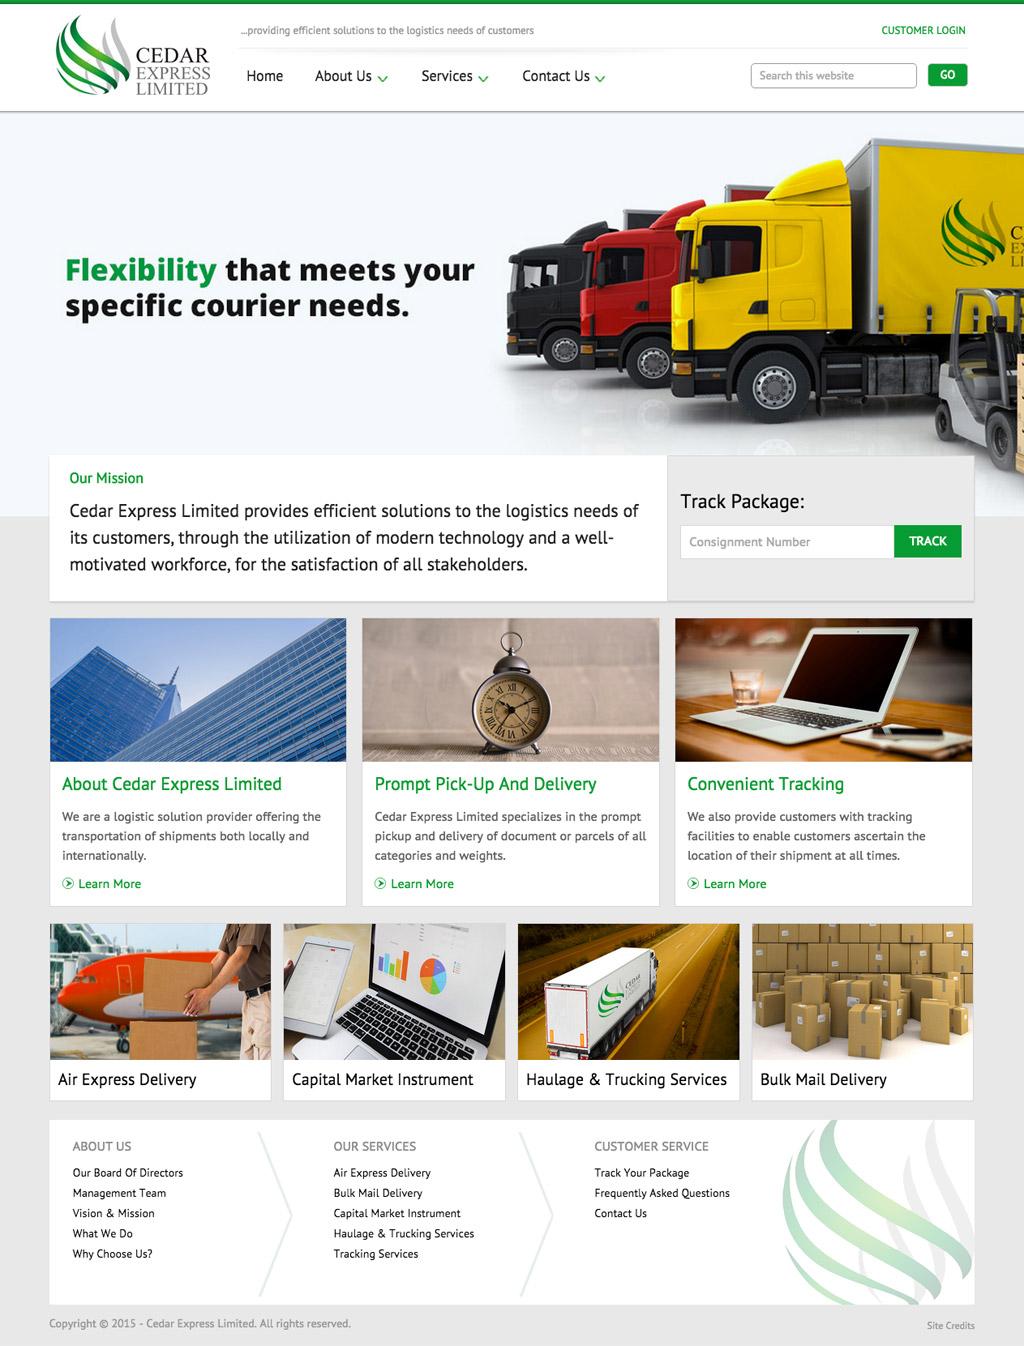 cedar-express-website-design